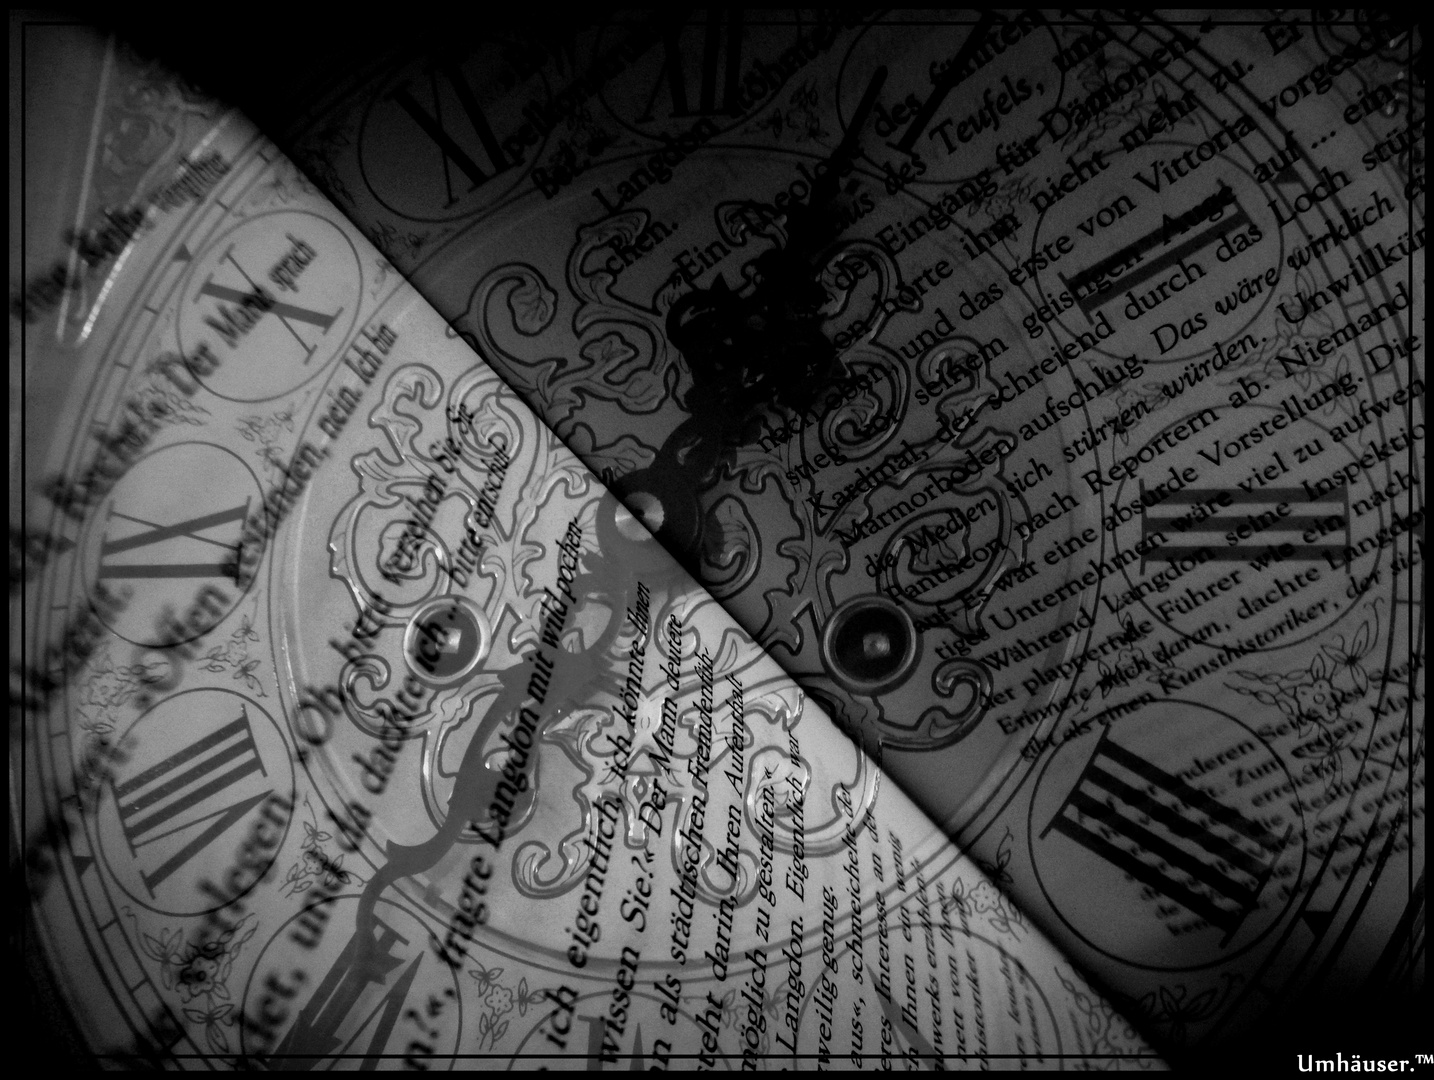 Uhr mit Buch. (: